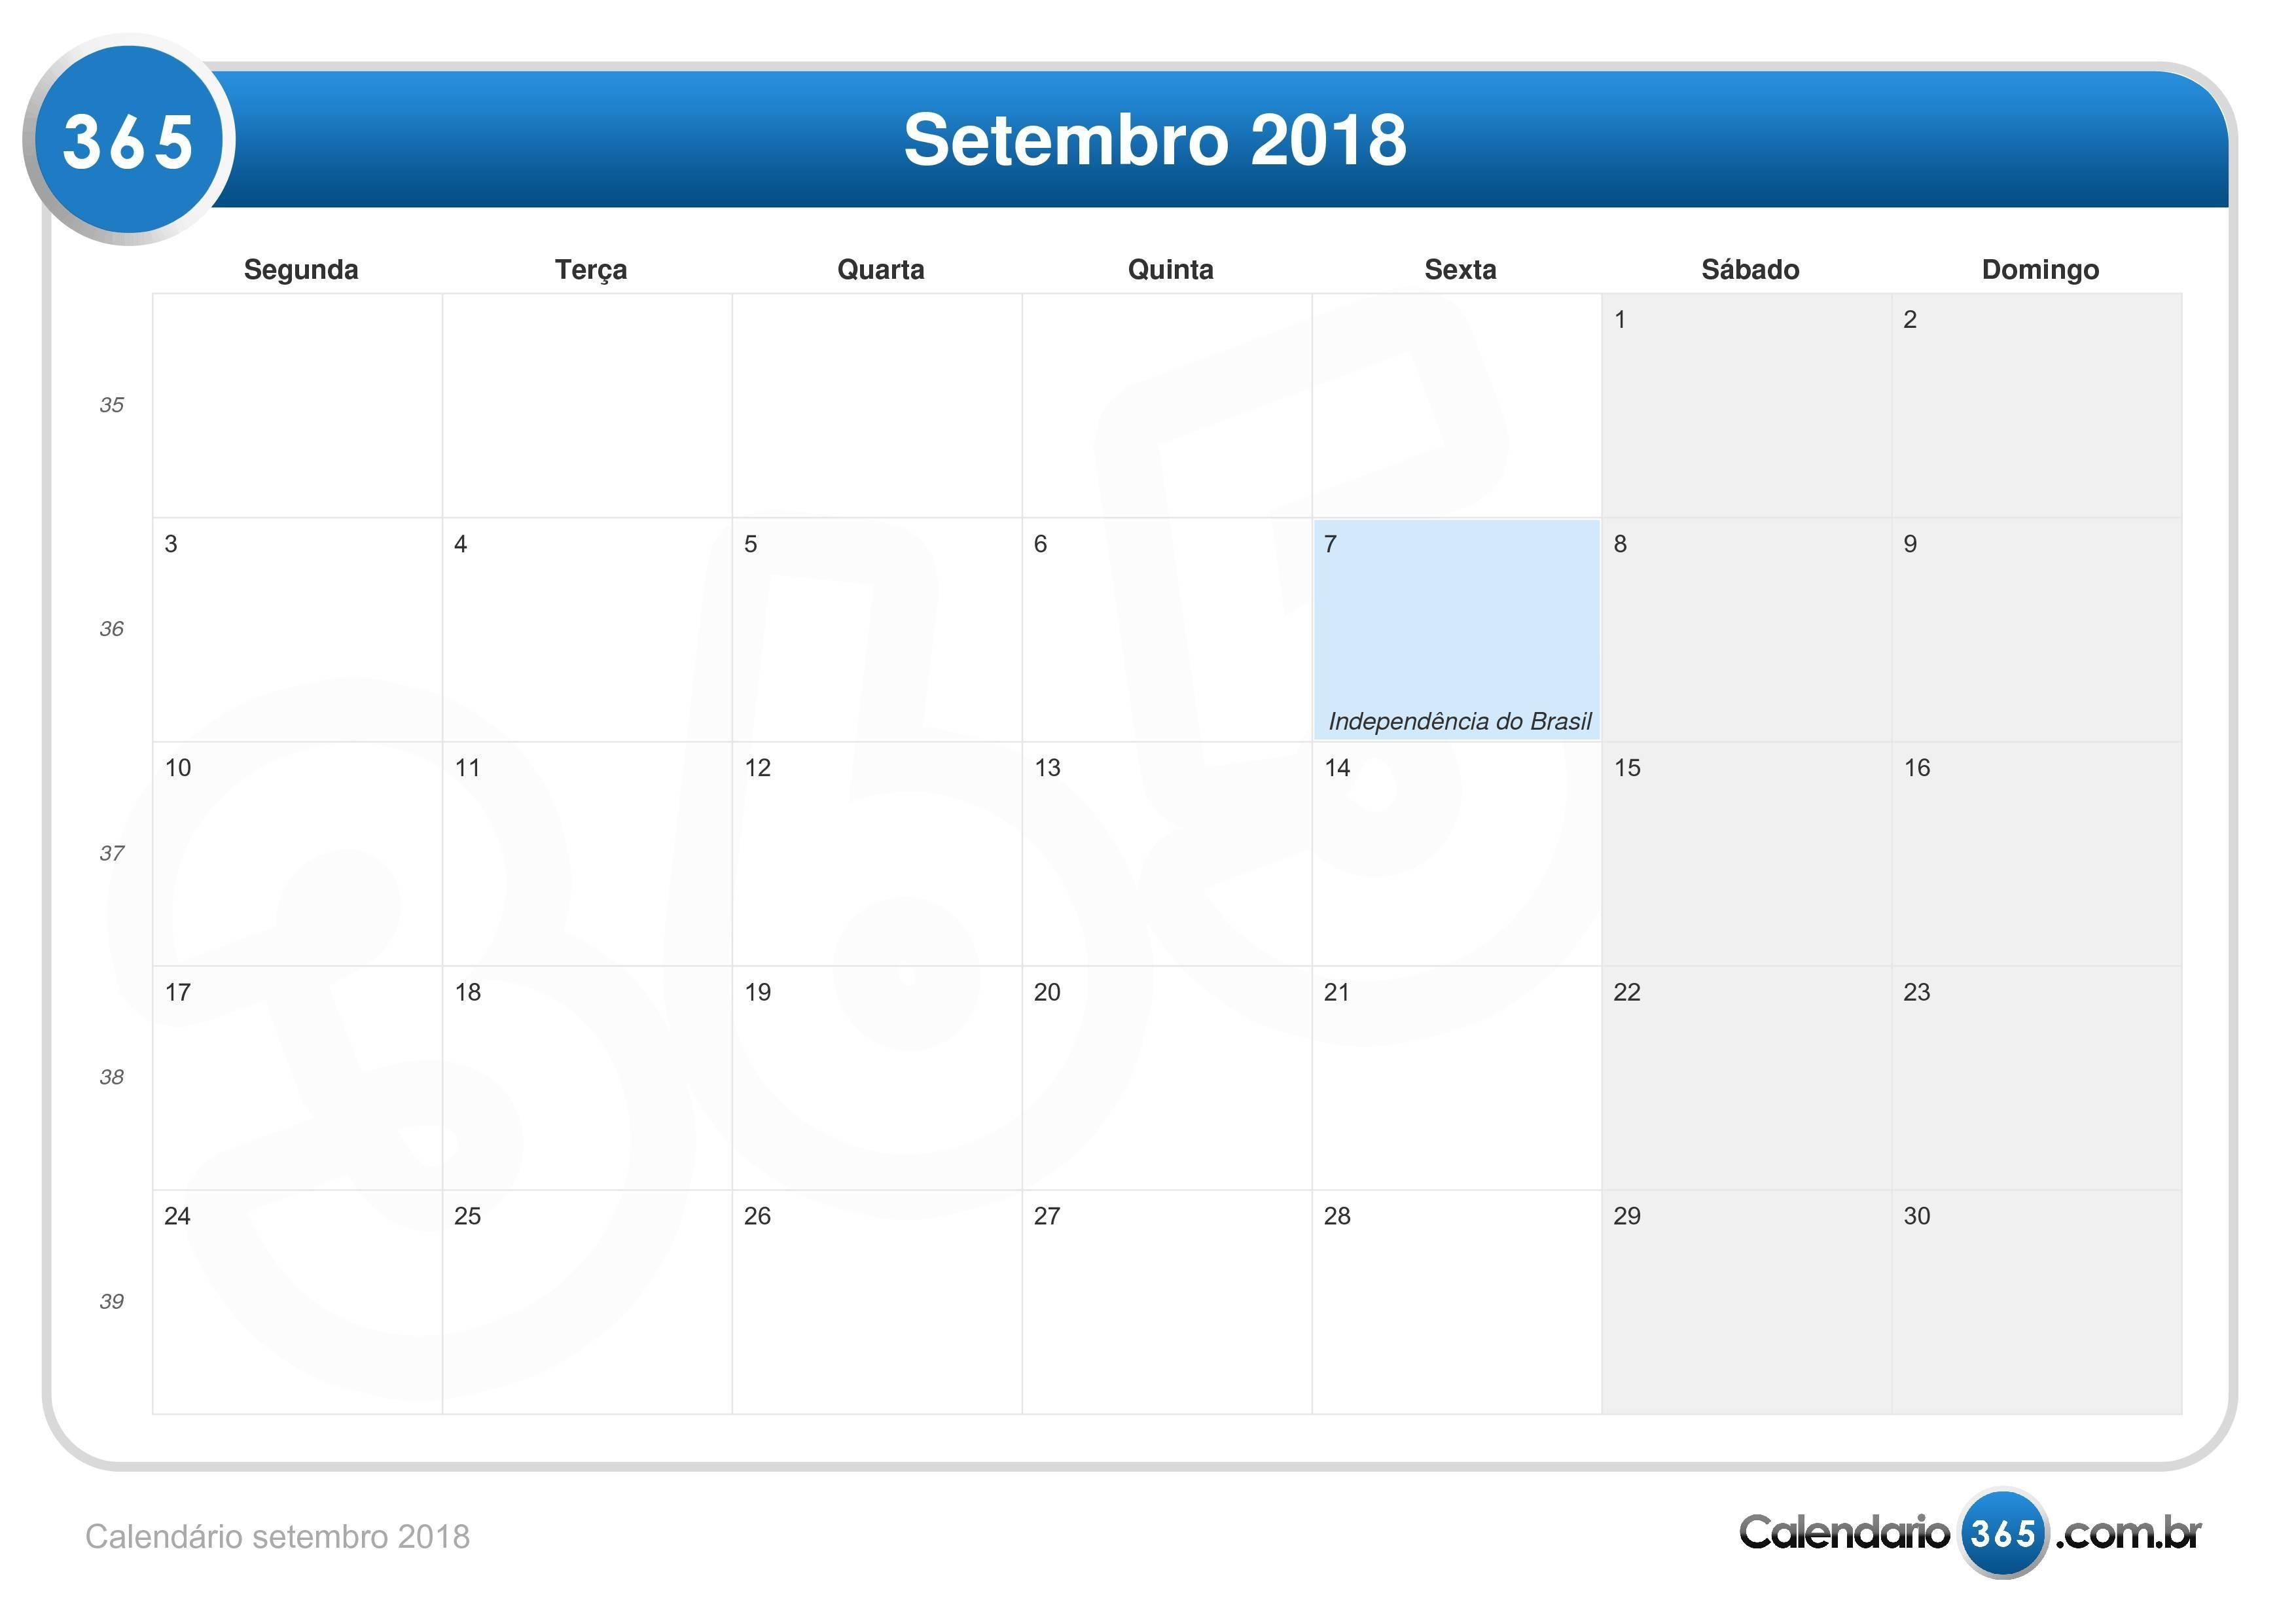 Calendário 2019 Com Feriados Em Portugal Para Imprimir Más Recientemente Liberado Calendario Novembro 2018 Imprimir T